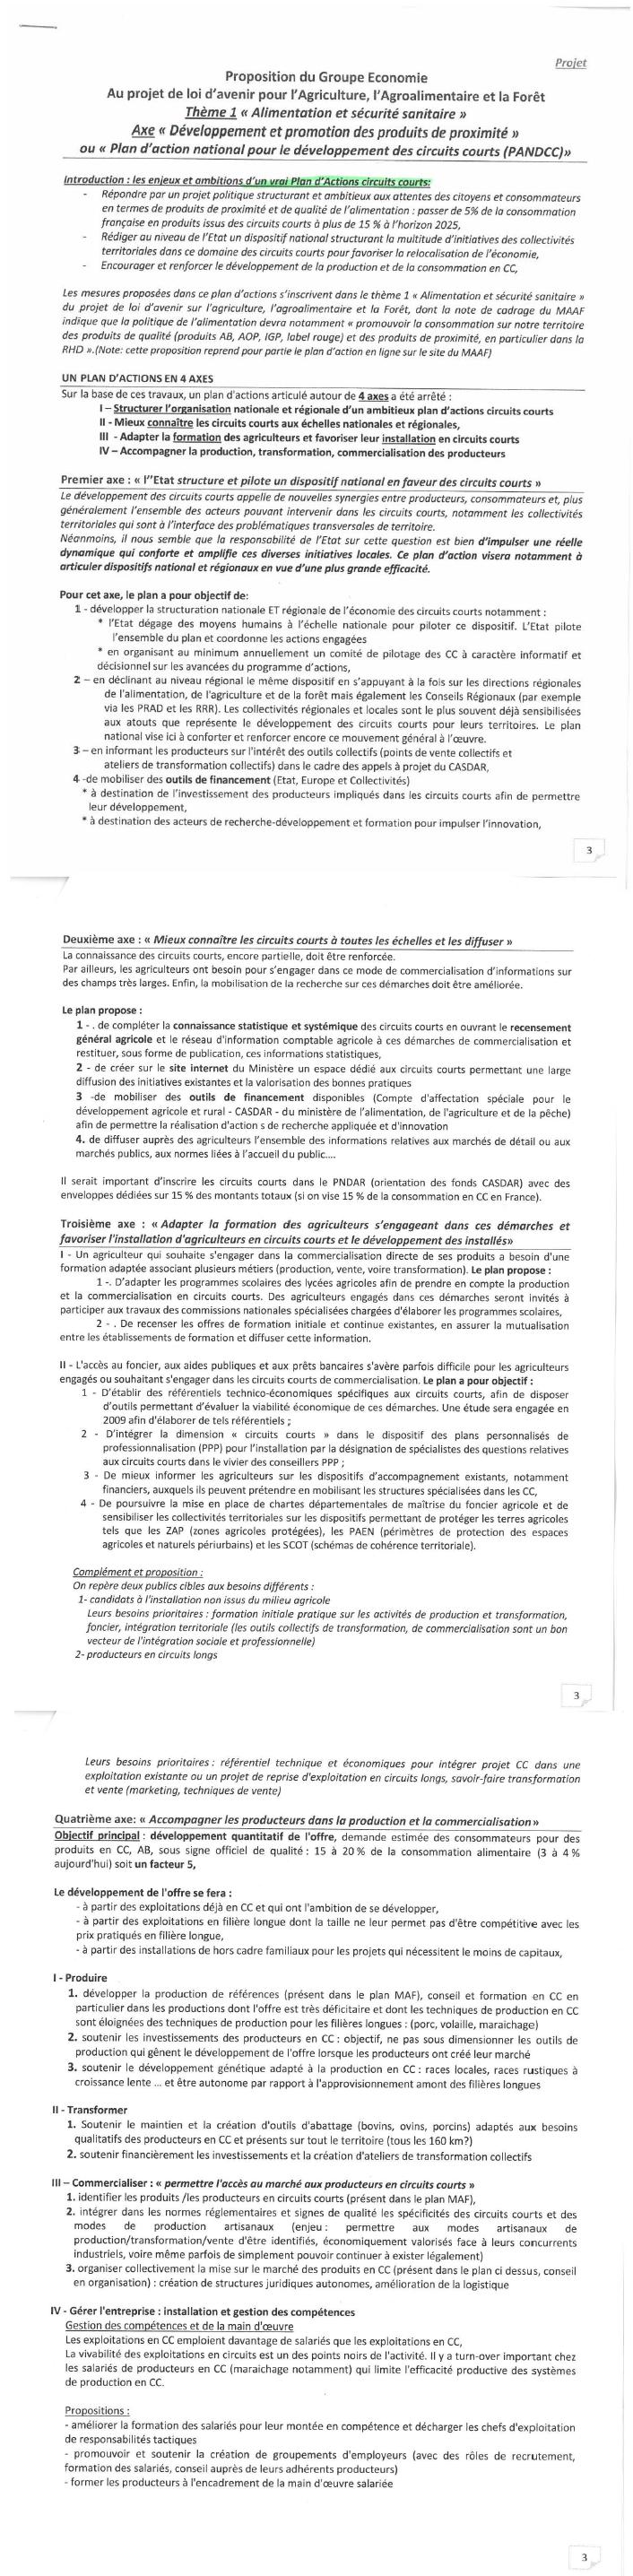 Plan d'action proposé pour le développement des circuits courts